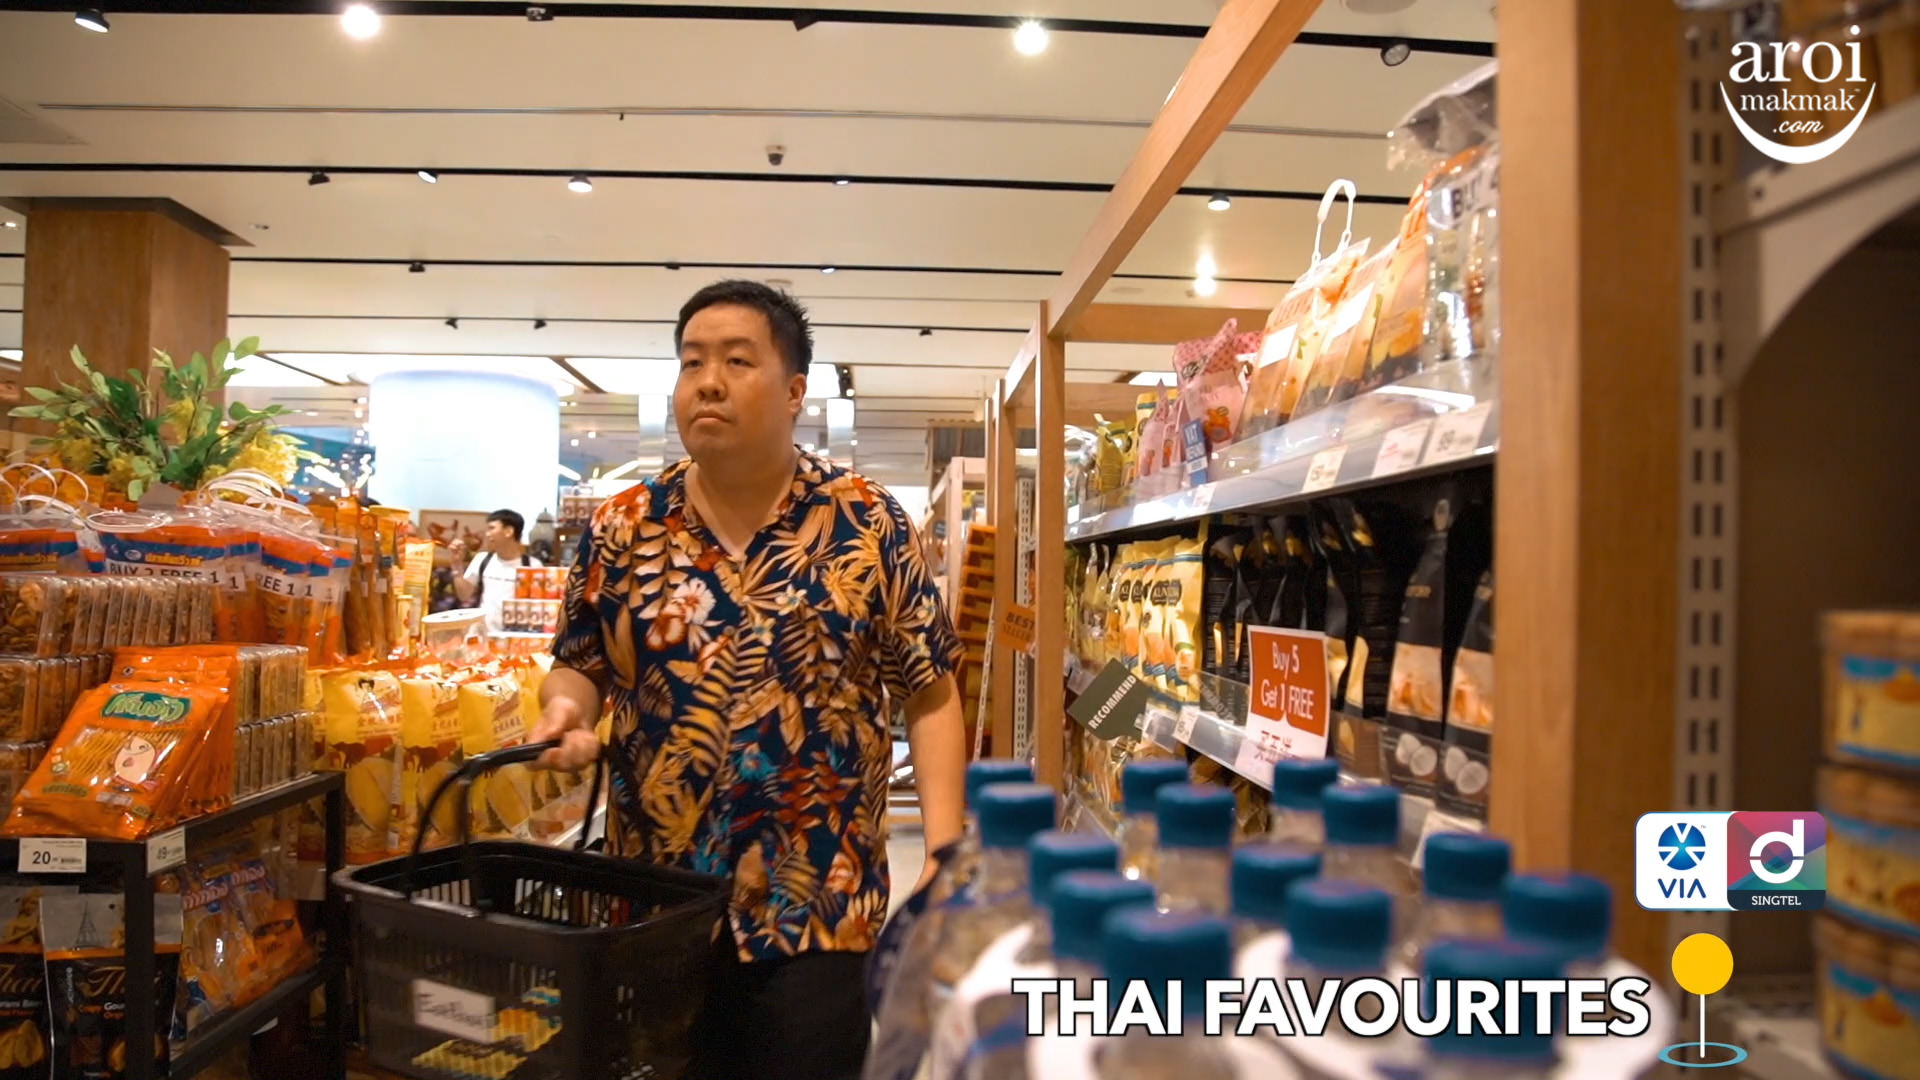 viasingteldasharoimakmak-thaifavourites